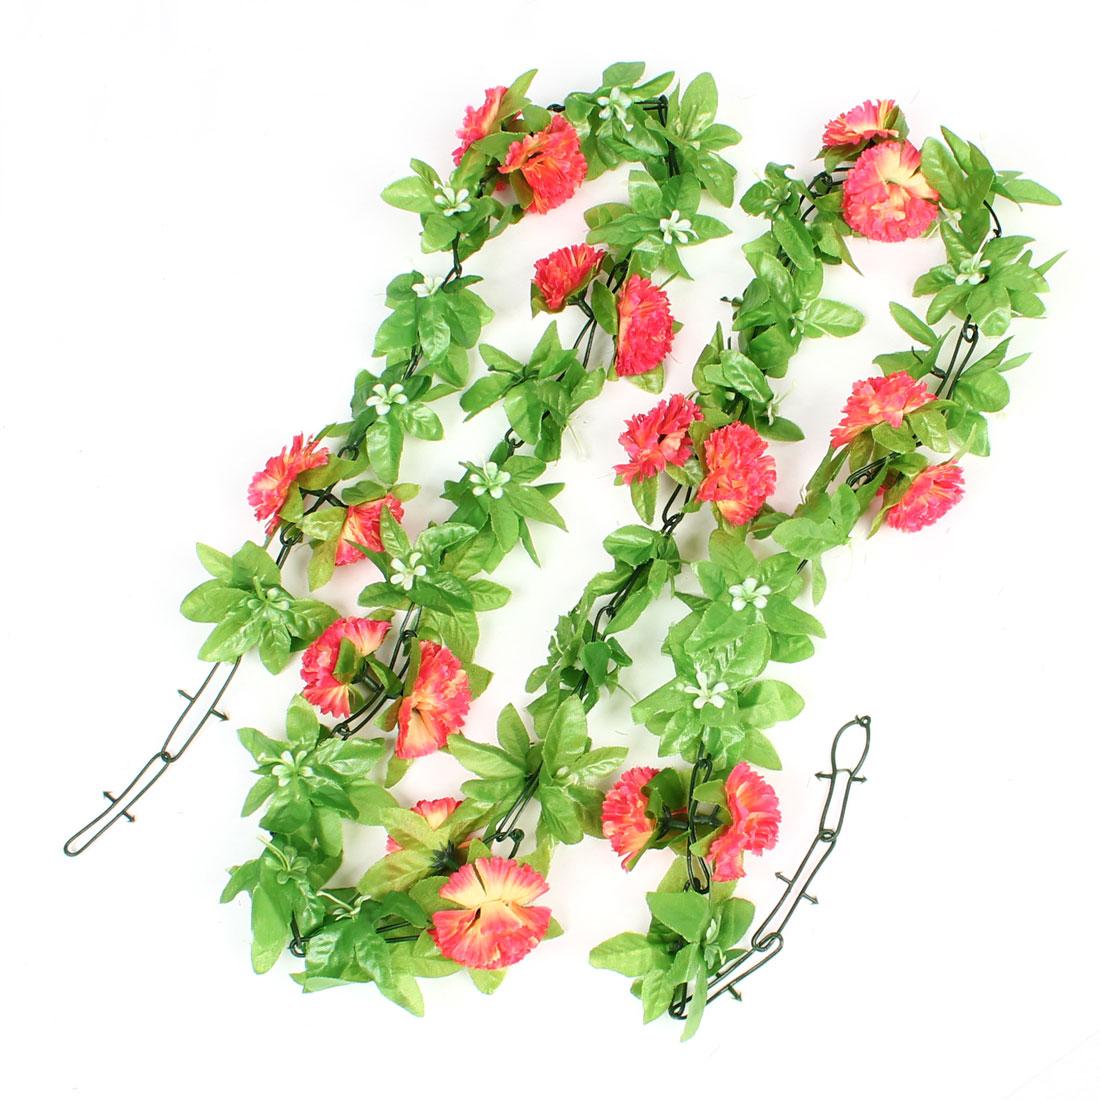 5.9Ft Length Green Plastic Leaf Hot Pink Carnation Flower Vine